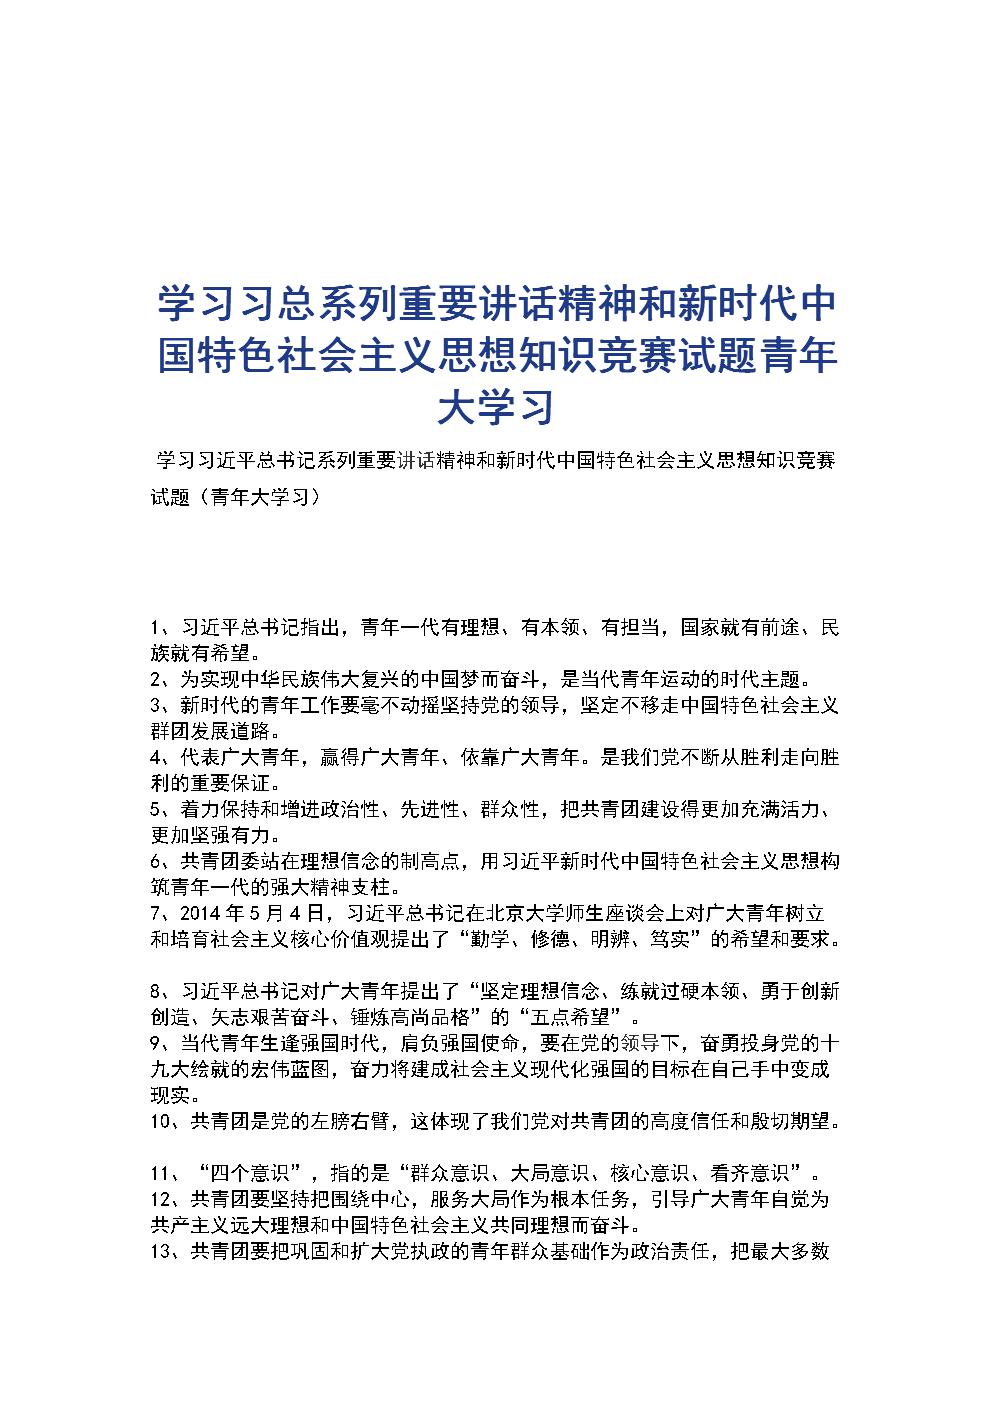 学习习总系列重要讲话精神和新时代中国特色社会主义思想知识竞赛试题青年大学习.doc